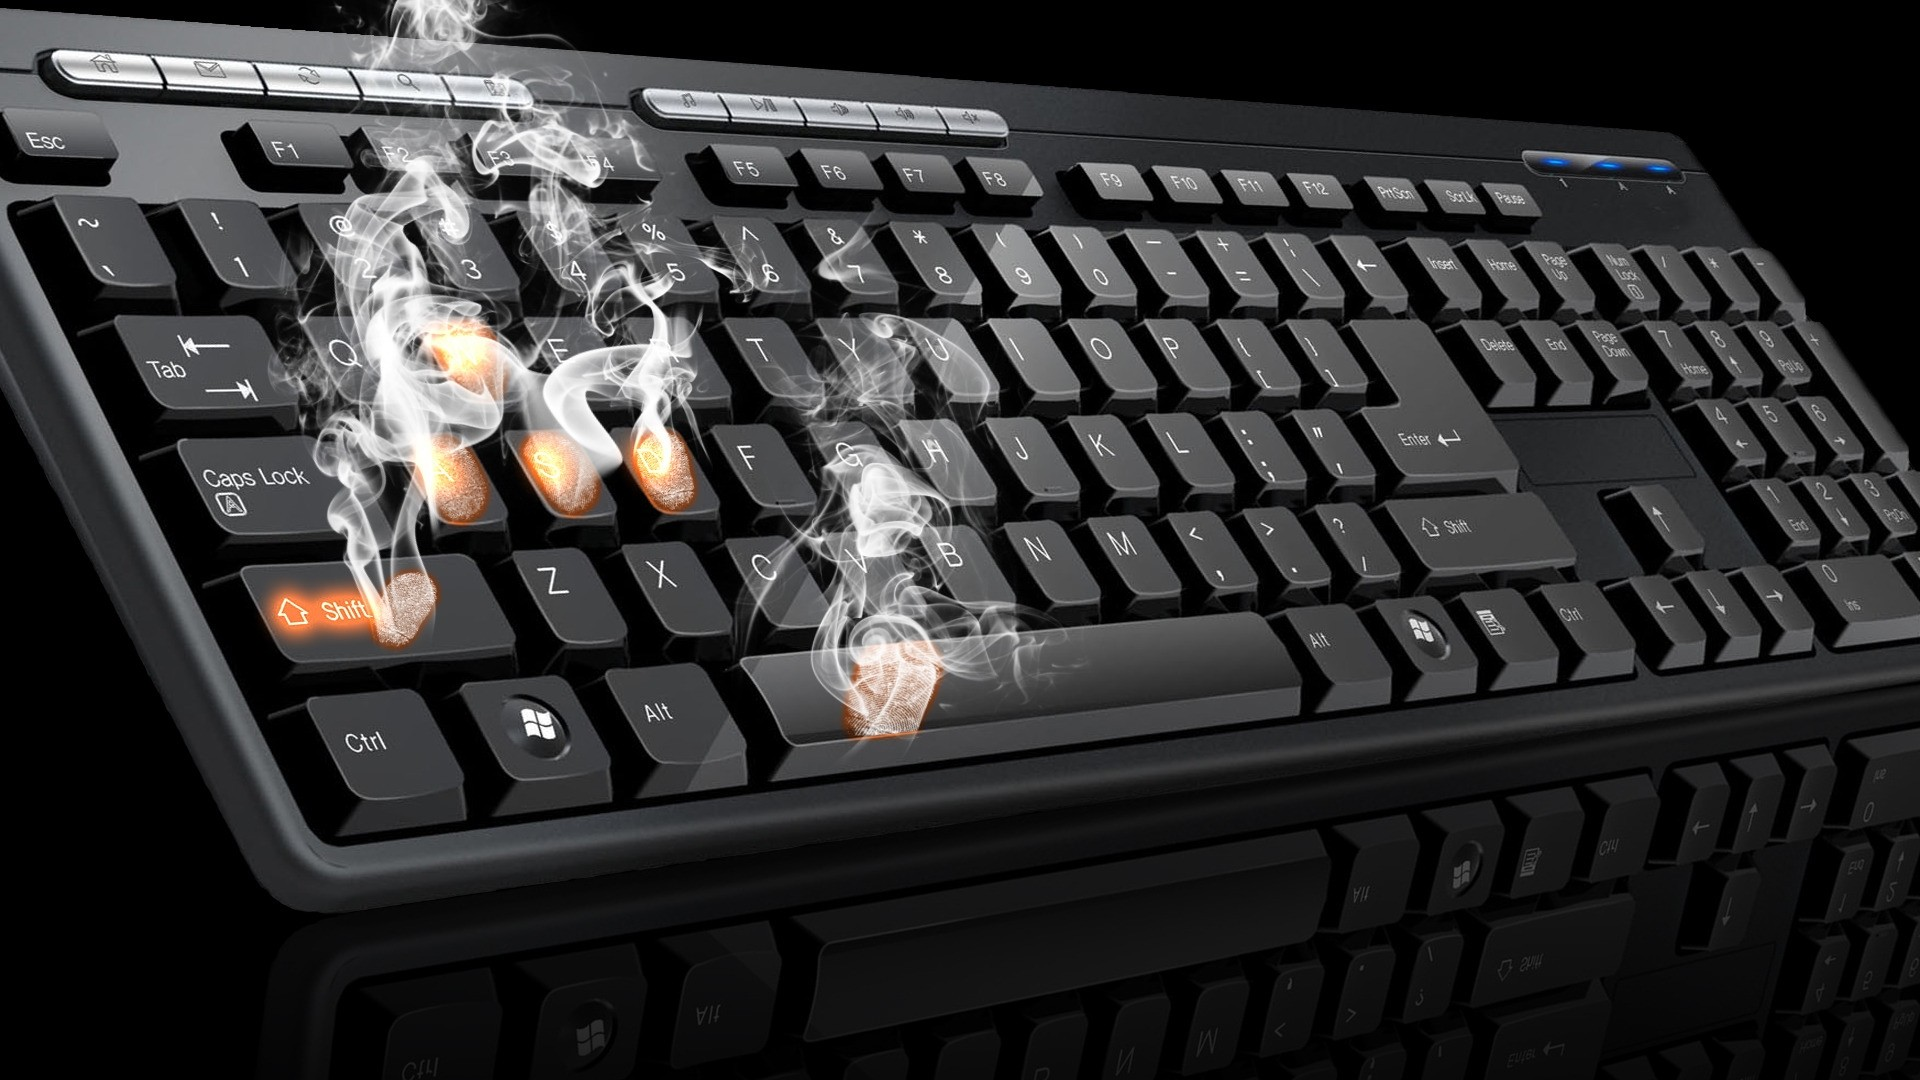 Keyboard hd wallpaper download